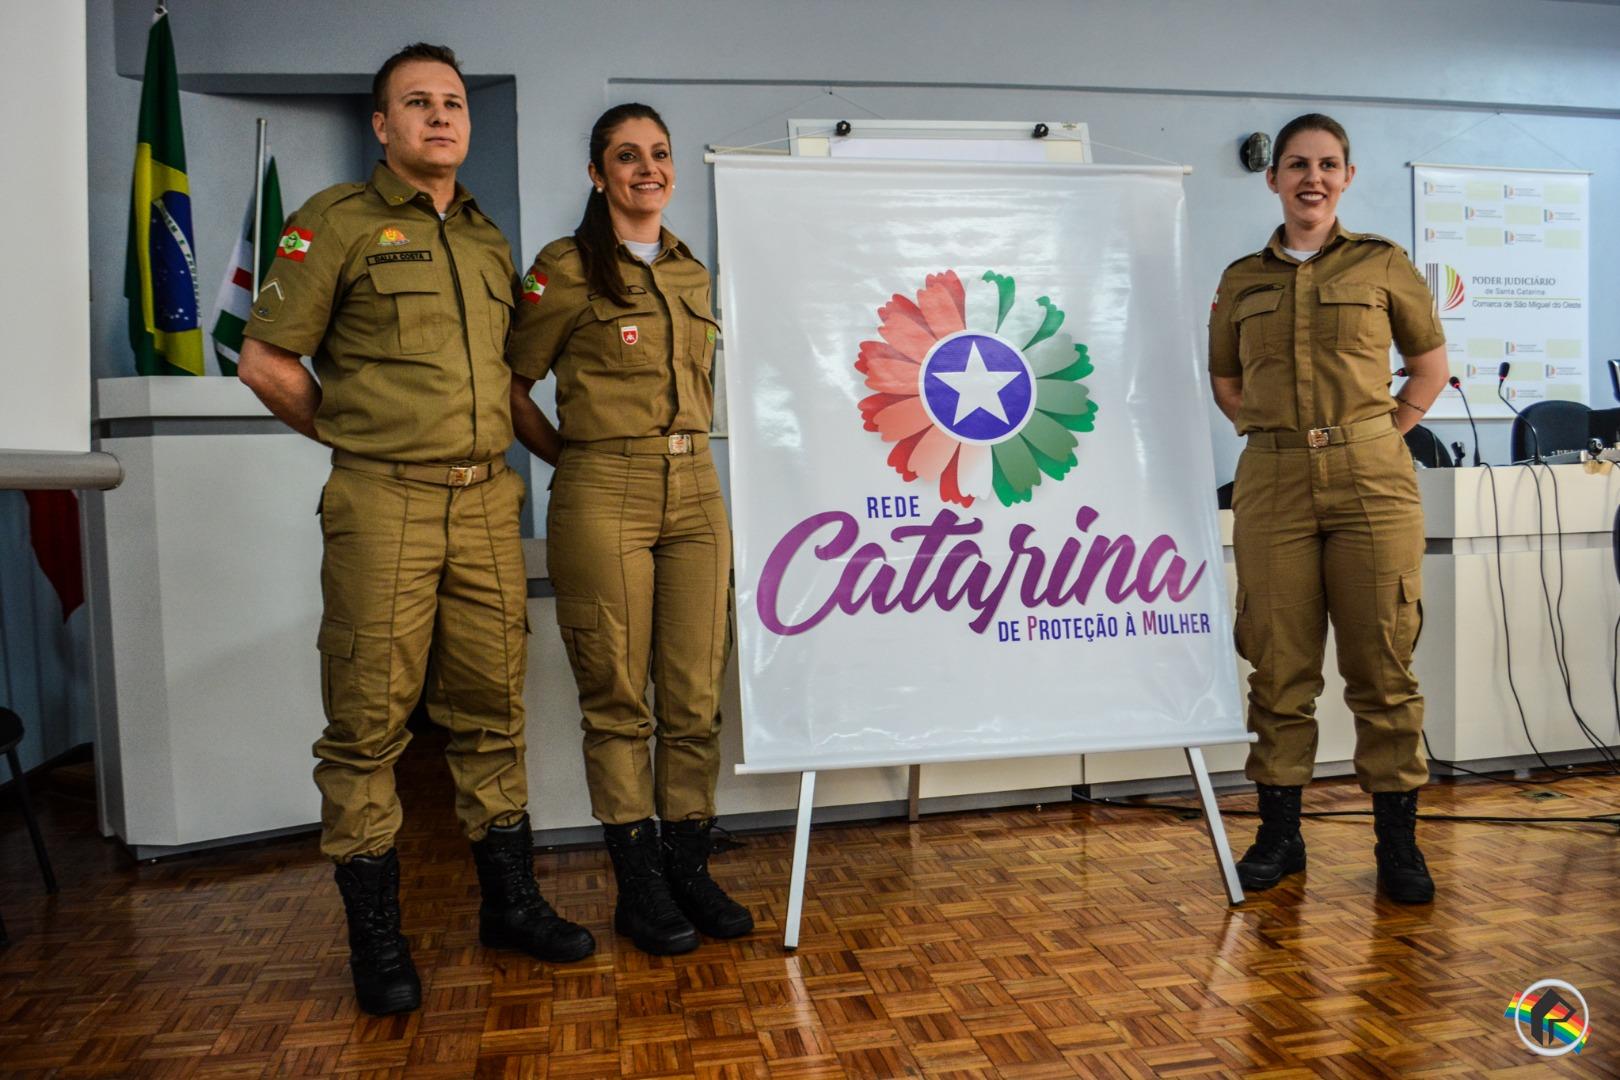 PM lança Rede Catarina de Proteção a Mulher no município